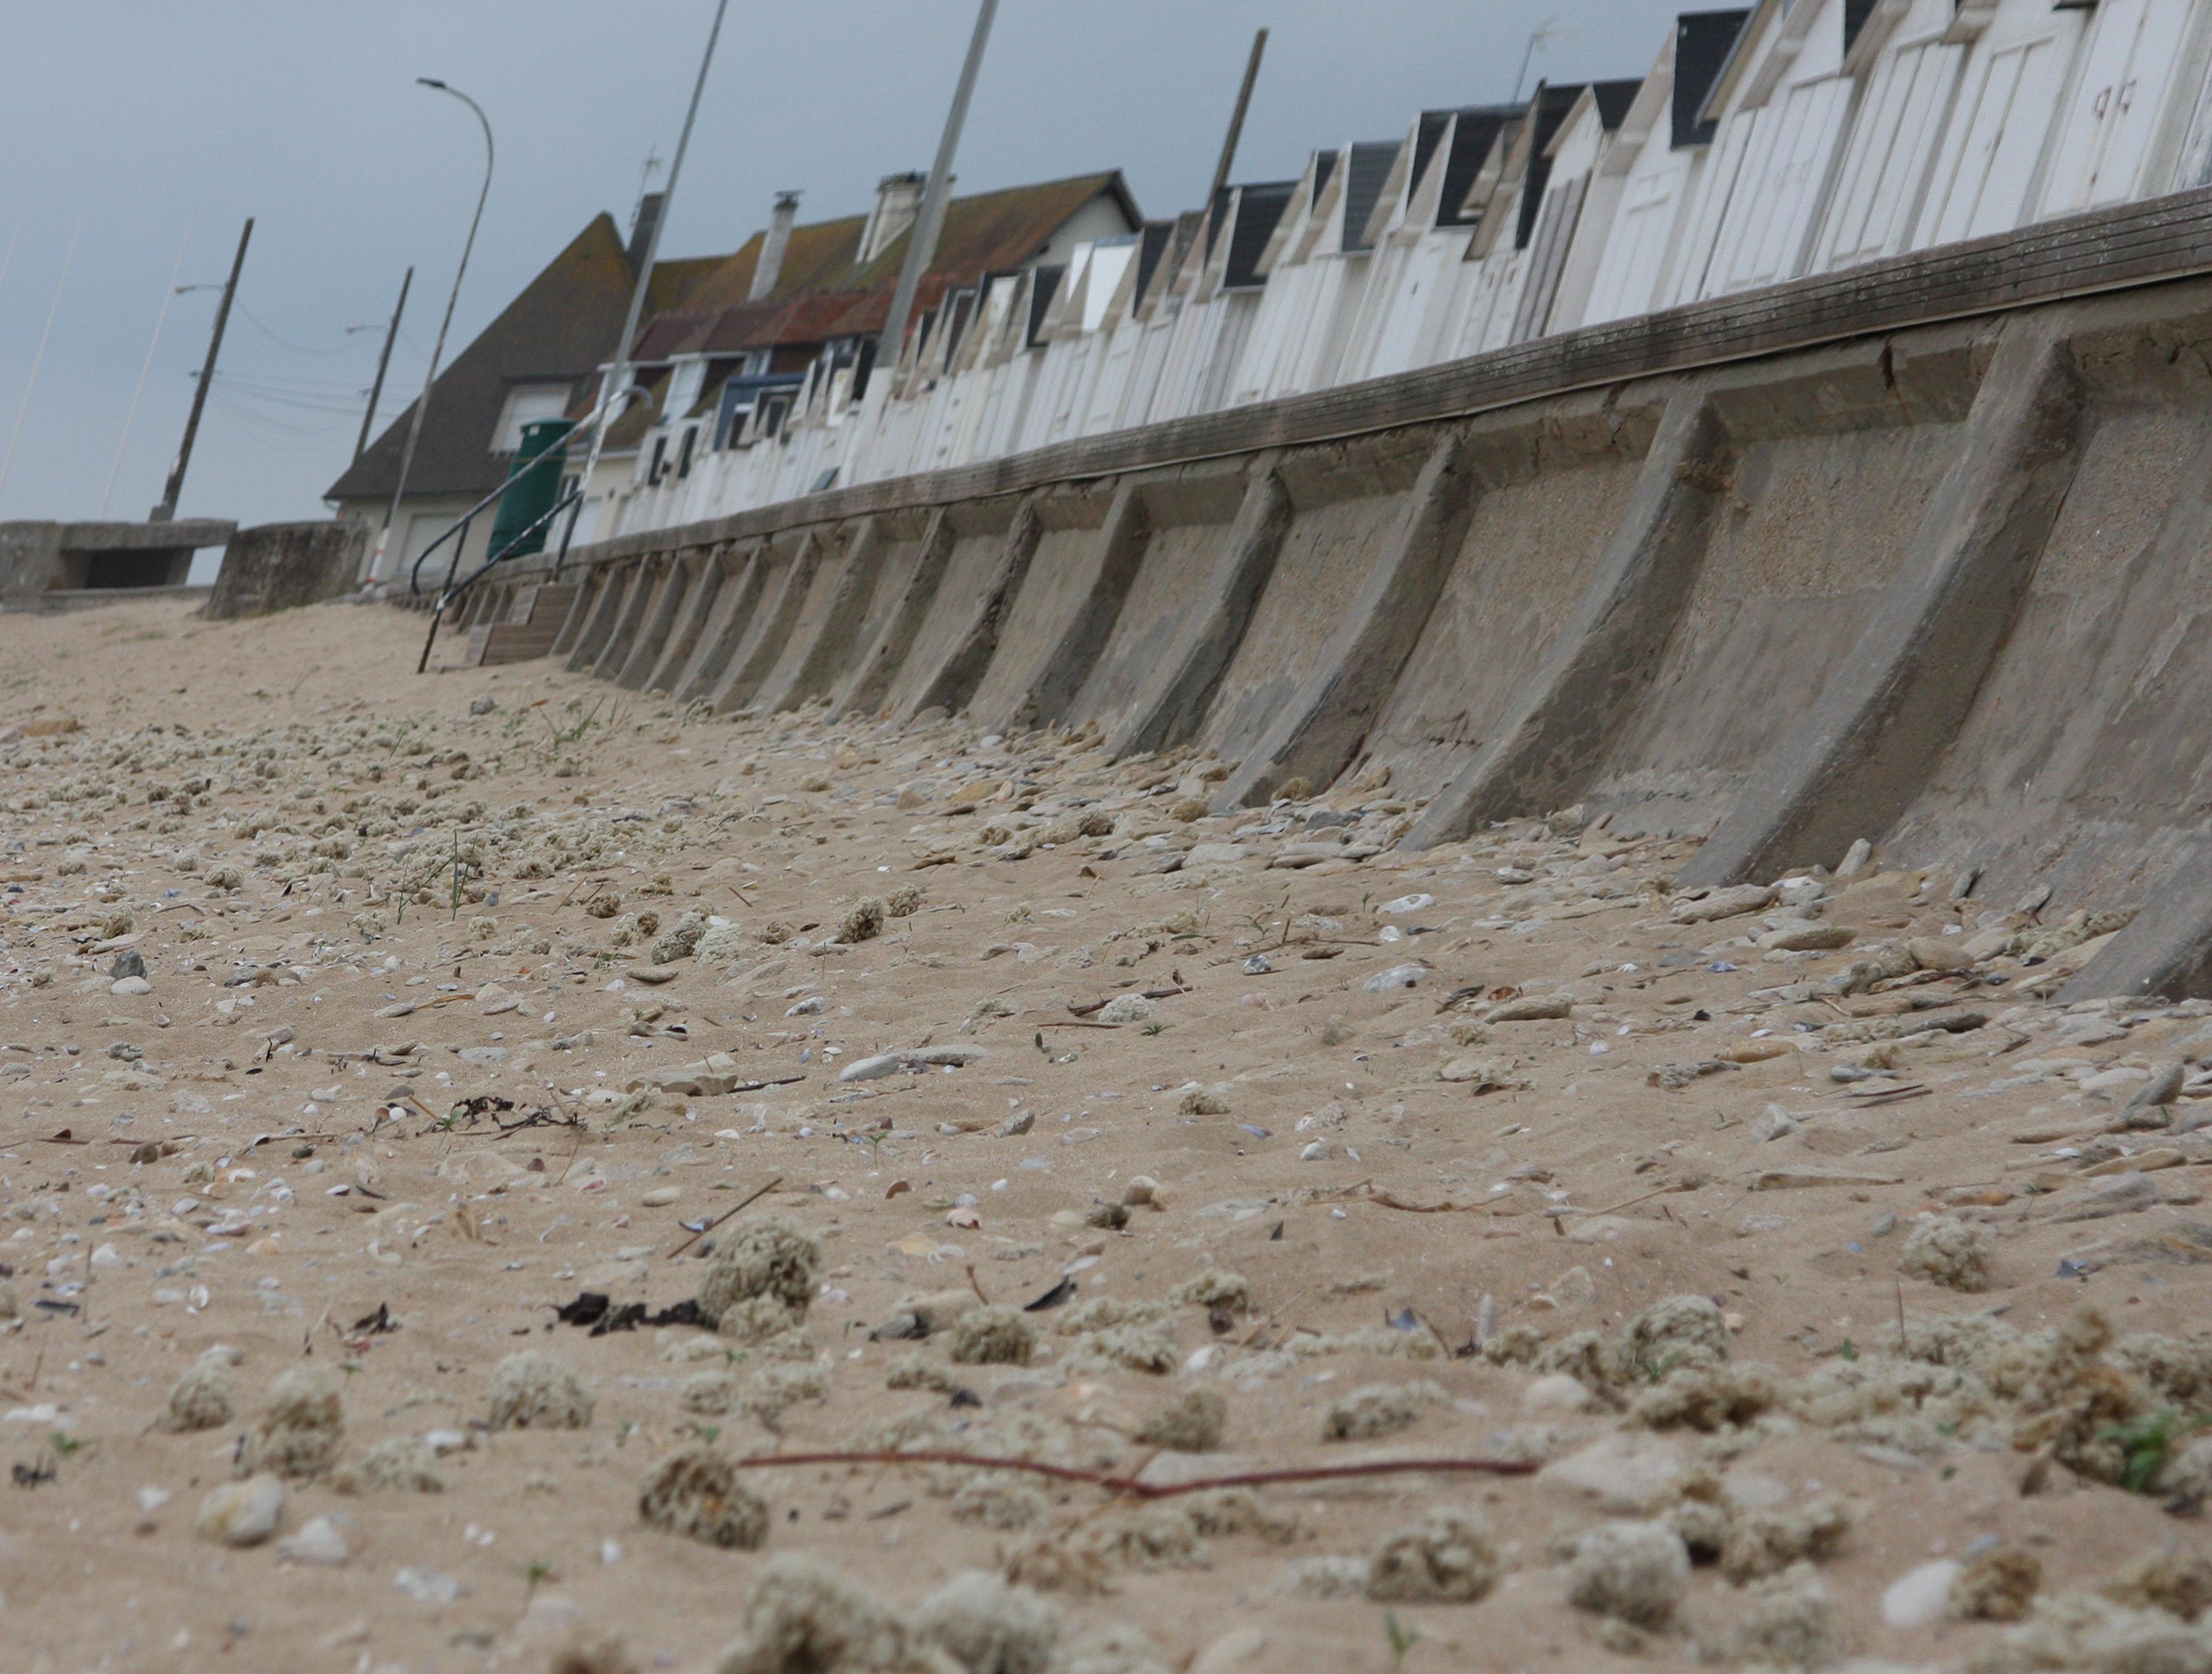 Bernieres-sur-Mer, D-day